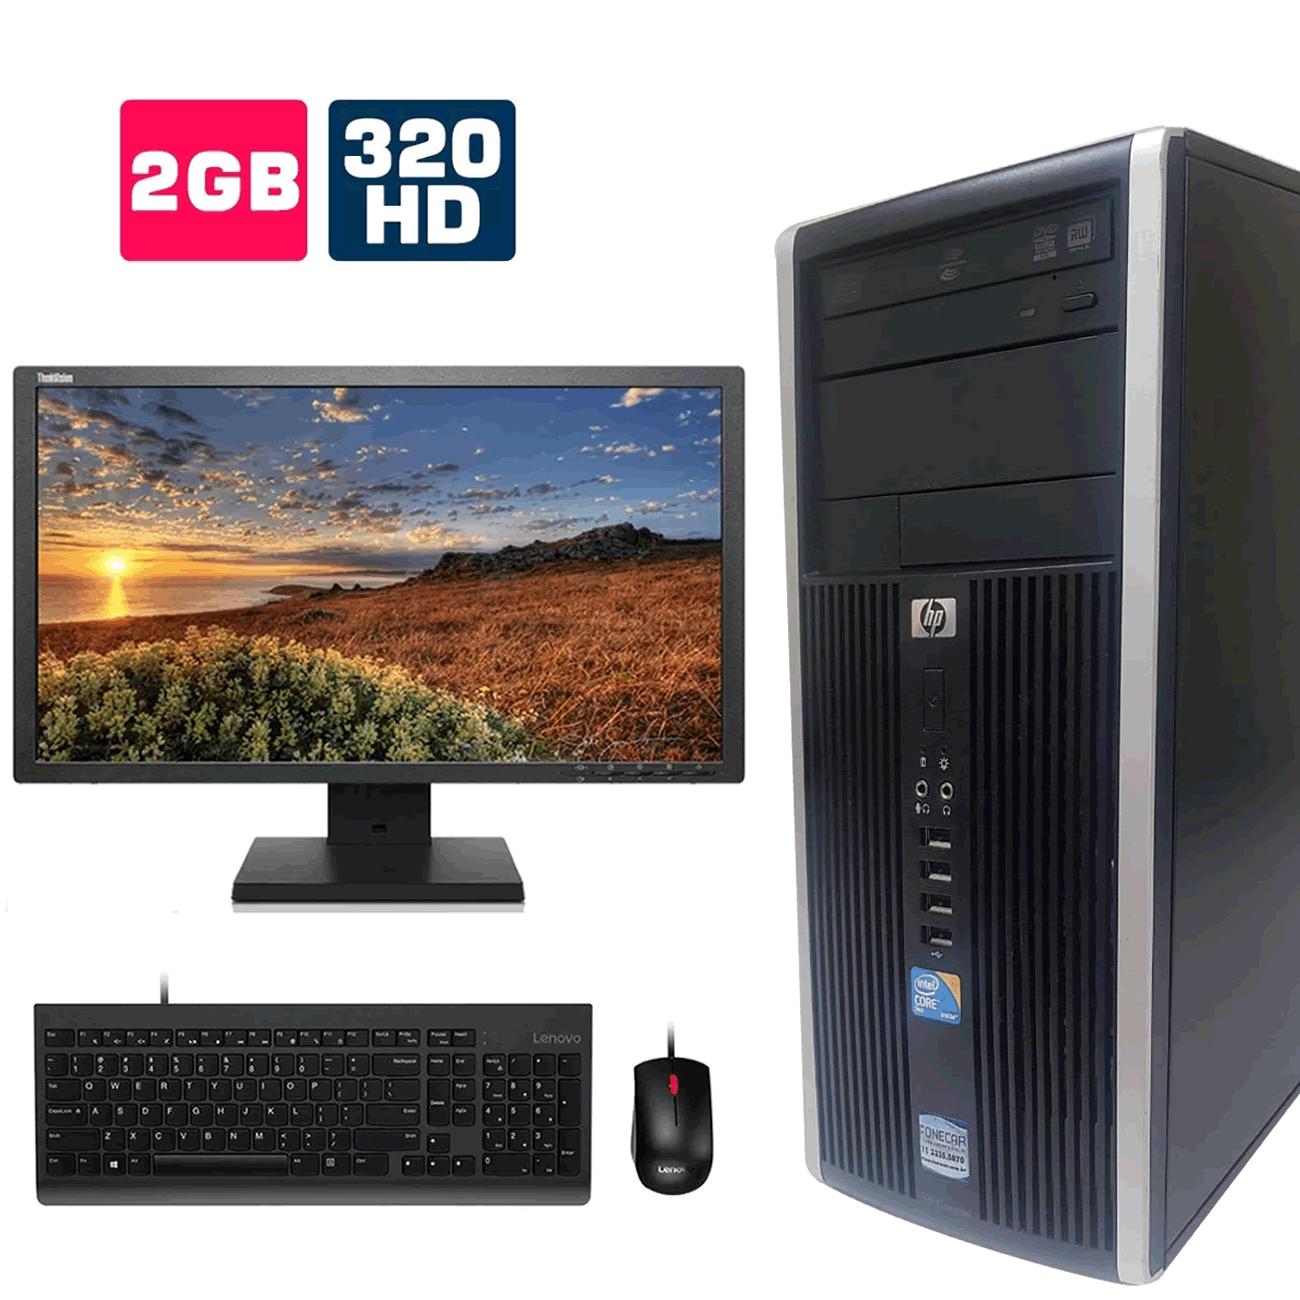 Computador Completo Hp Core 2 Duo 2GB HD 320GB Monitor